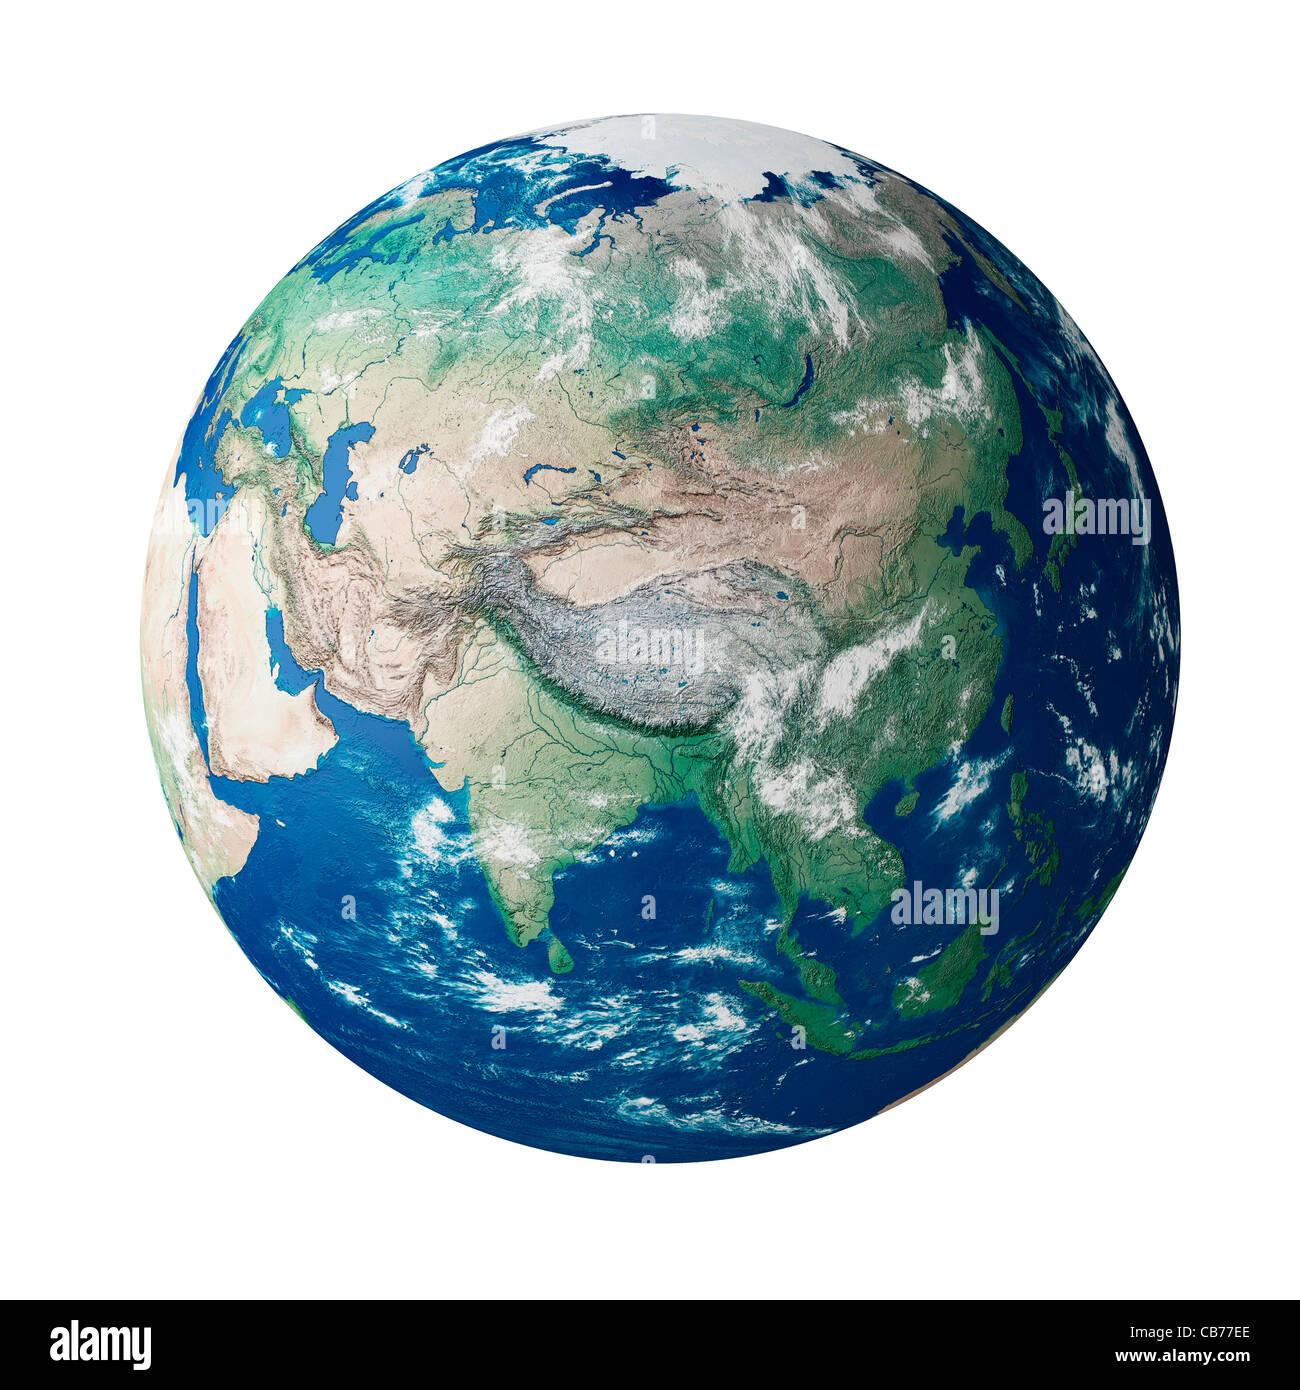 Globe montrant le continent de l'Asie sur la planète terre Photo Stock